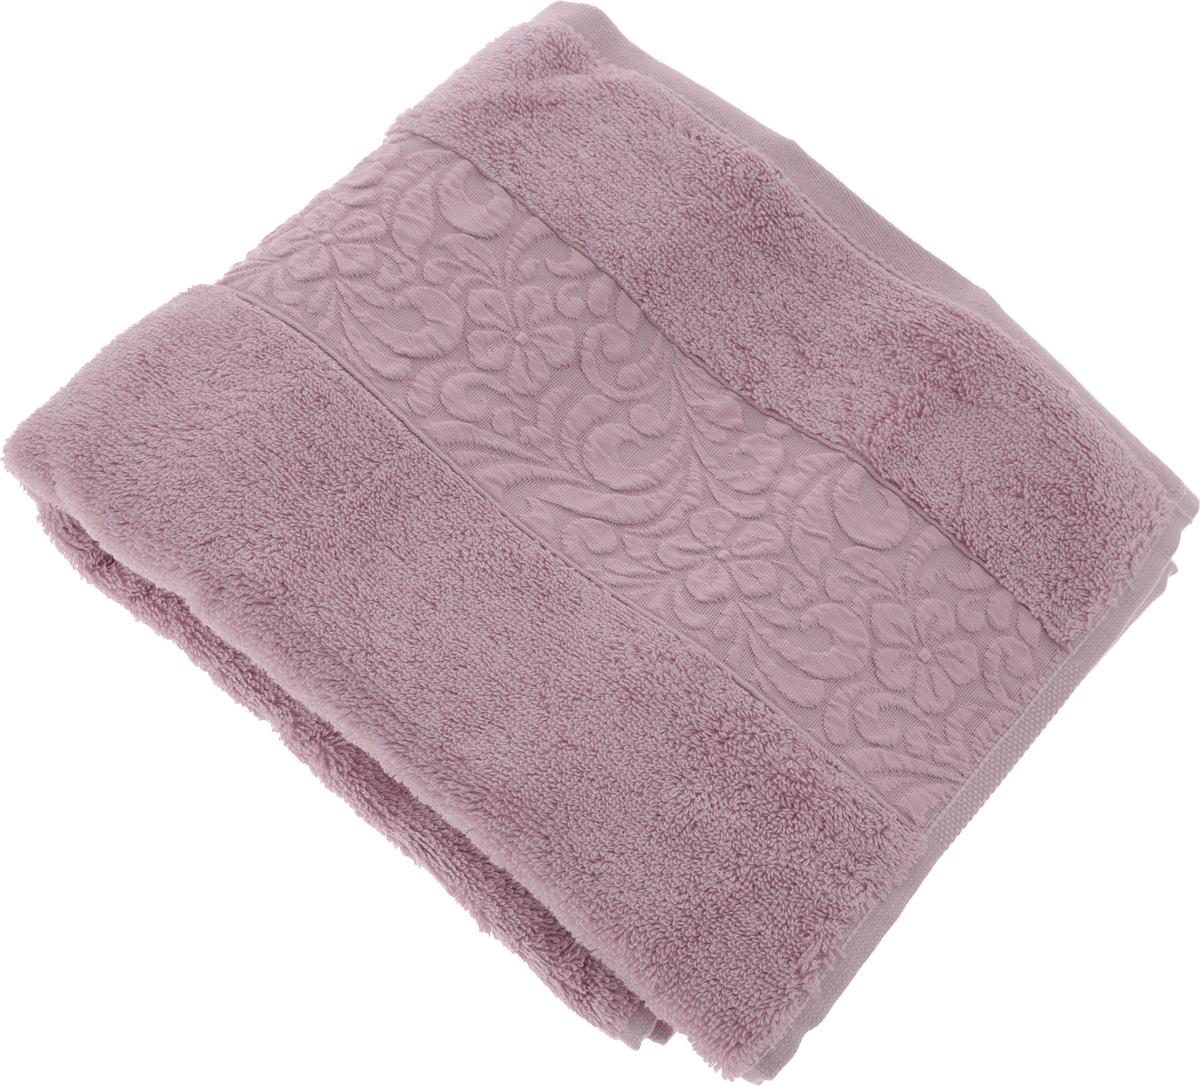 Полотенце бамбуковое Issimo Home Valencia, цвет: светло-пурпурный, 50 x 90 см4768Полотенце Issimo Home Valencia выполнено из 60% бамбукового волокна и 40% хлопка. Таким полотенцем не нужно вытираться - только коснитесь кожи - и ткань сама все впитает. Такая ткань впитывает в 3 раза лучше, чем хлопок. Несмотря на высокую плотность, полотенце быстро сохнет, остается легкими даже при намокании. Изделие имеет красивый жаккардовый бордюр, оформленный цветочным орнаментом. Благородные, классические тона создадут уют и подчеркнут лучшие качества махровой ткани, а сочные, яркие, летние оттенки создадут ощущение праздника и наполнят дом энергией. Красивая, стильная упаковка этого полотенца делает его уже готовым подарком к любому случаю.